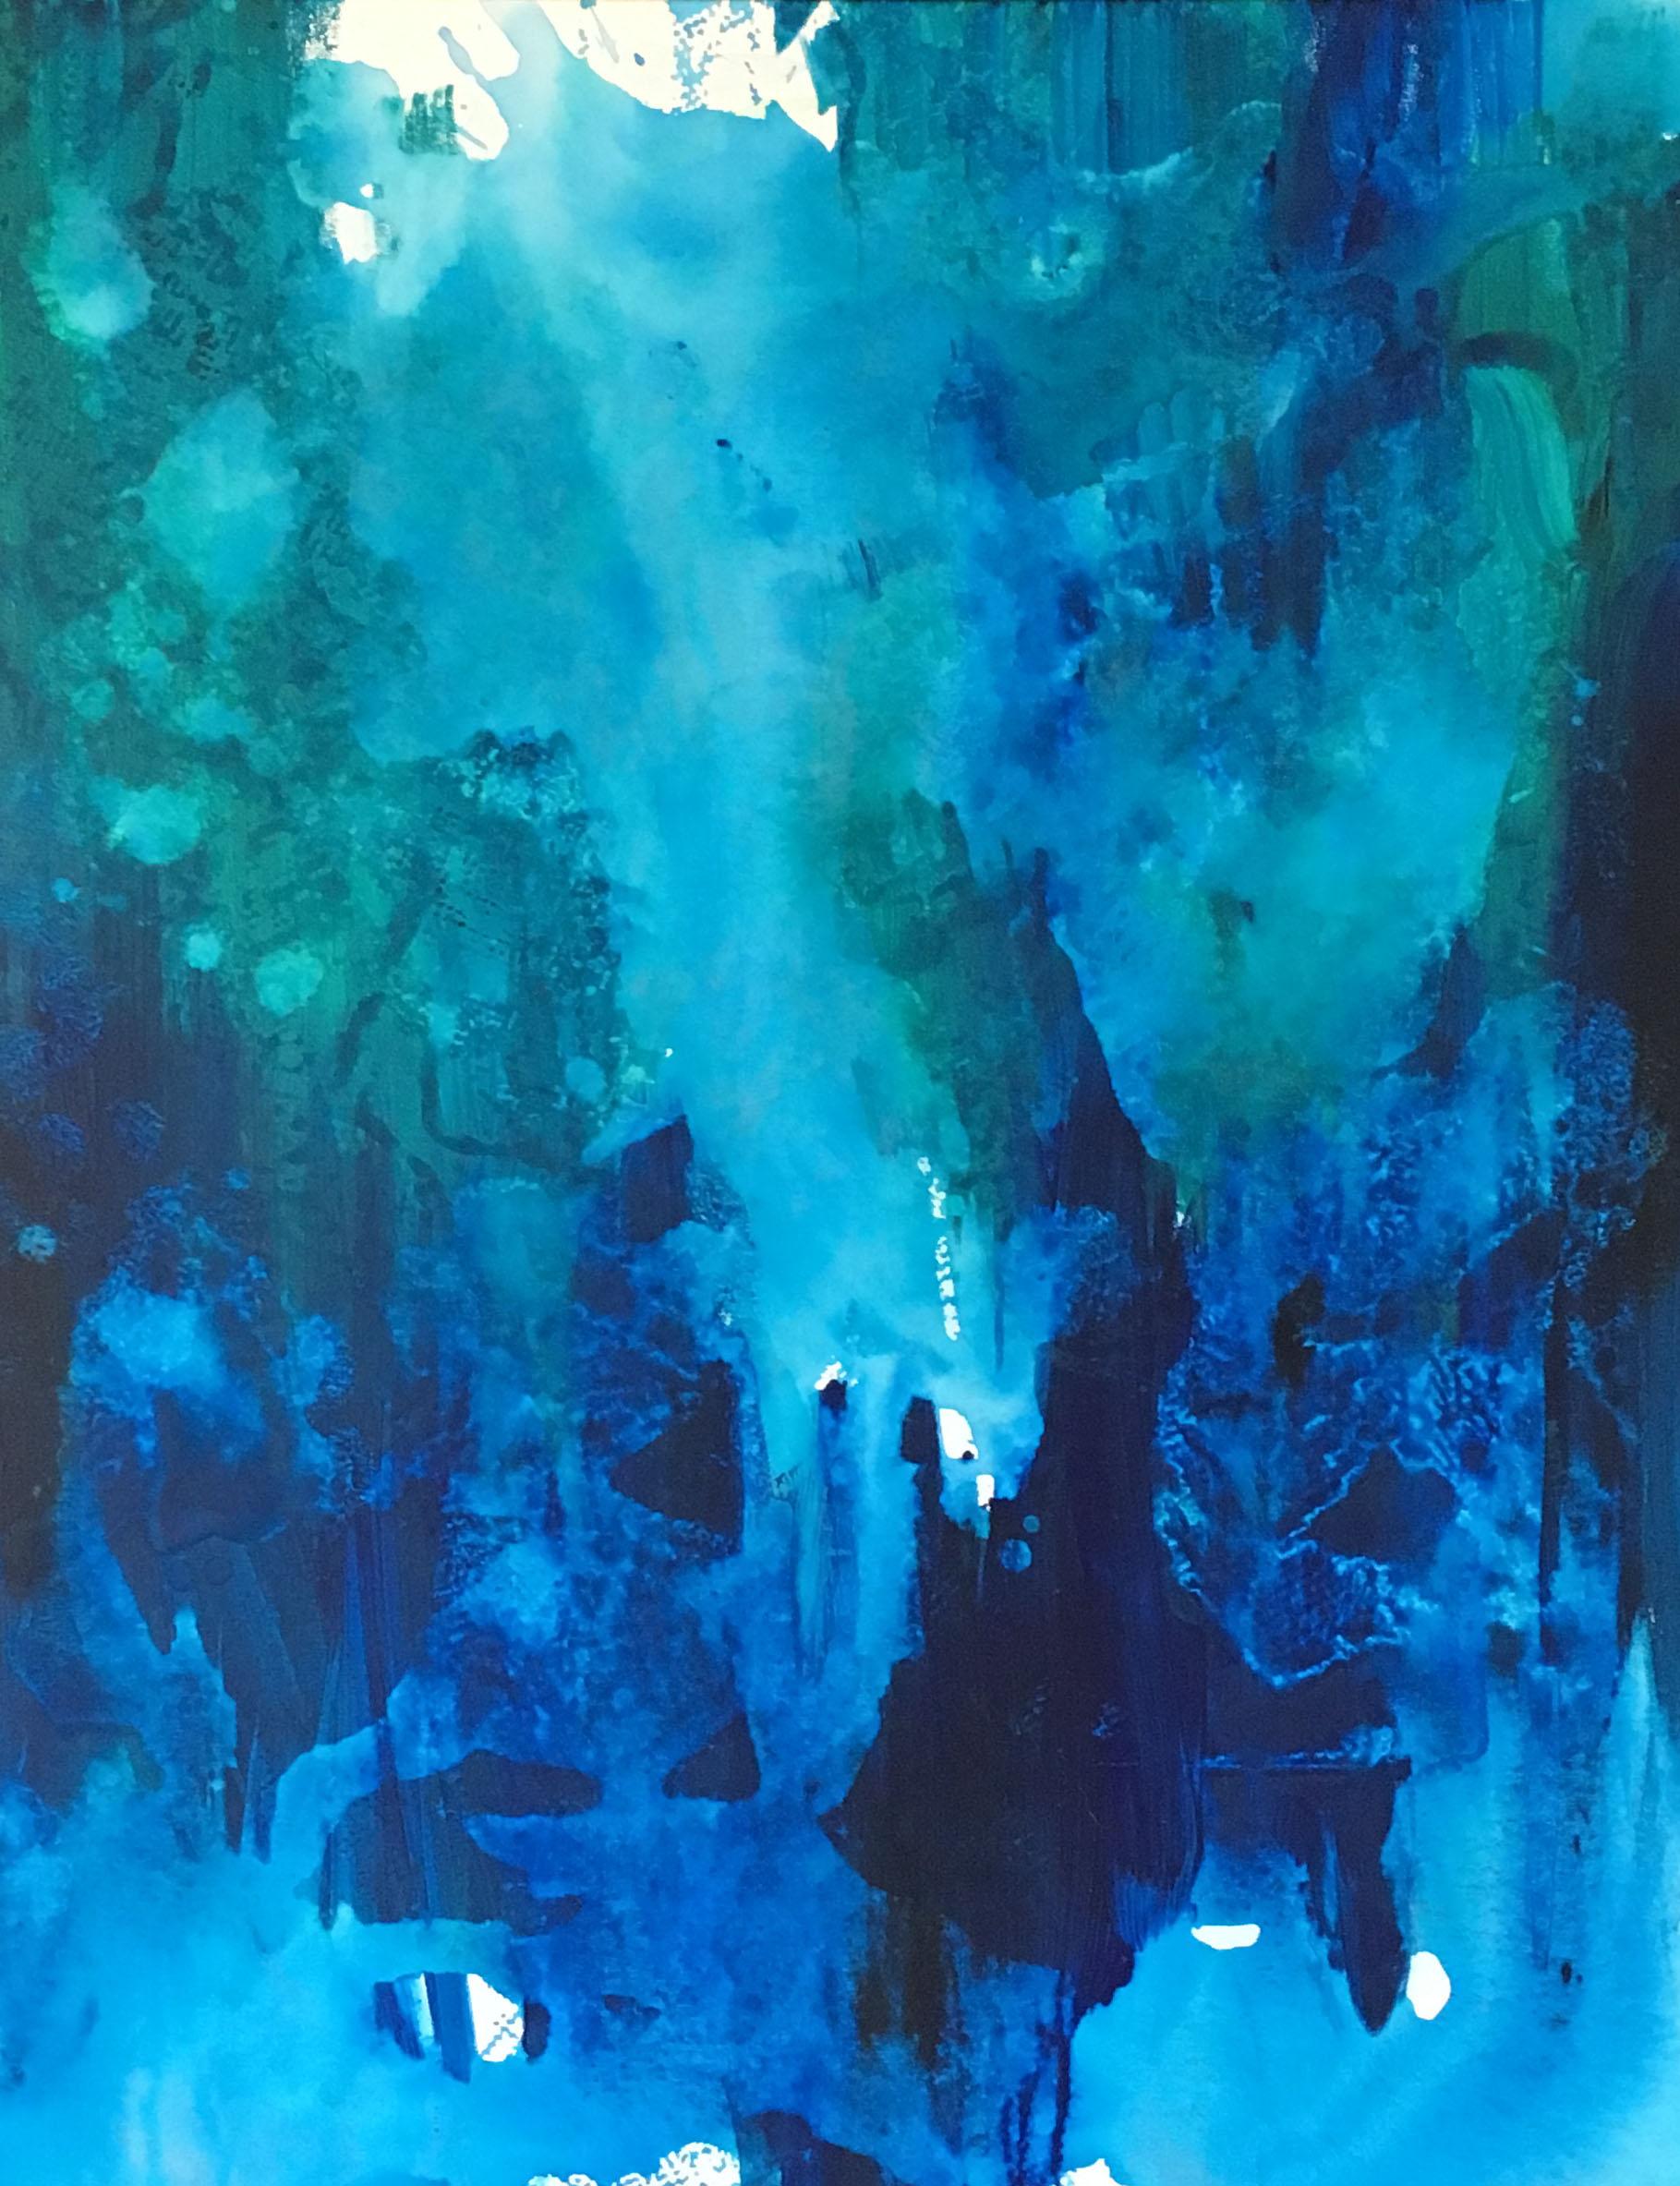 grotta_azzurra_crop.jpg